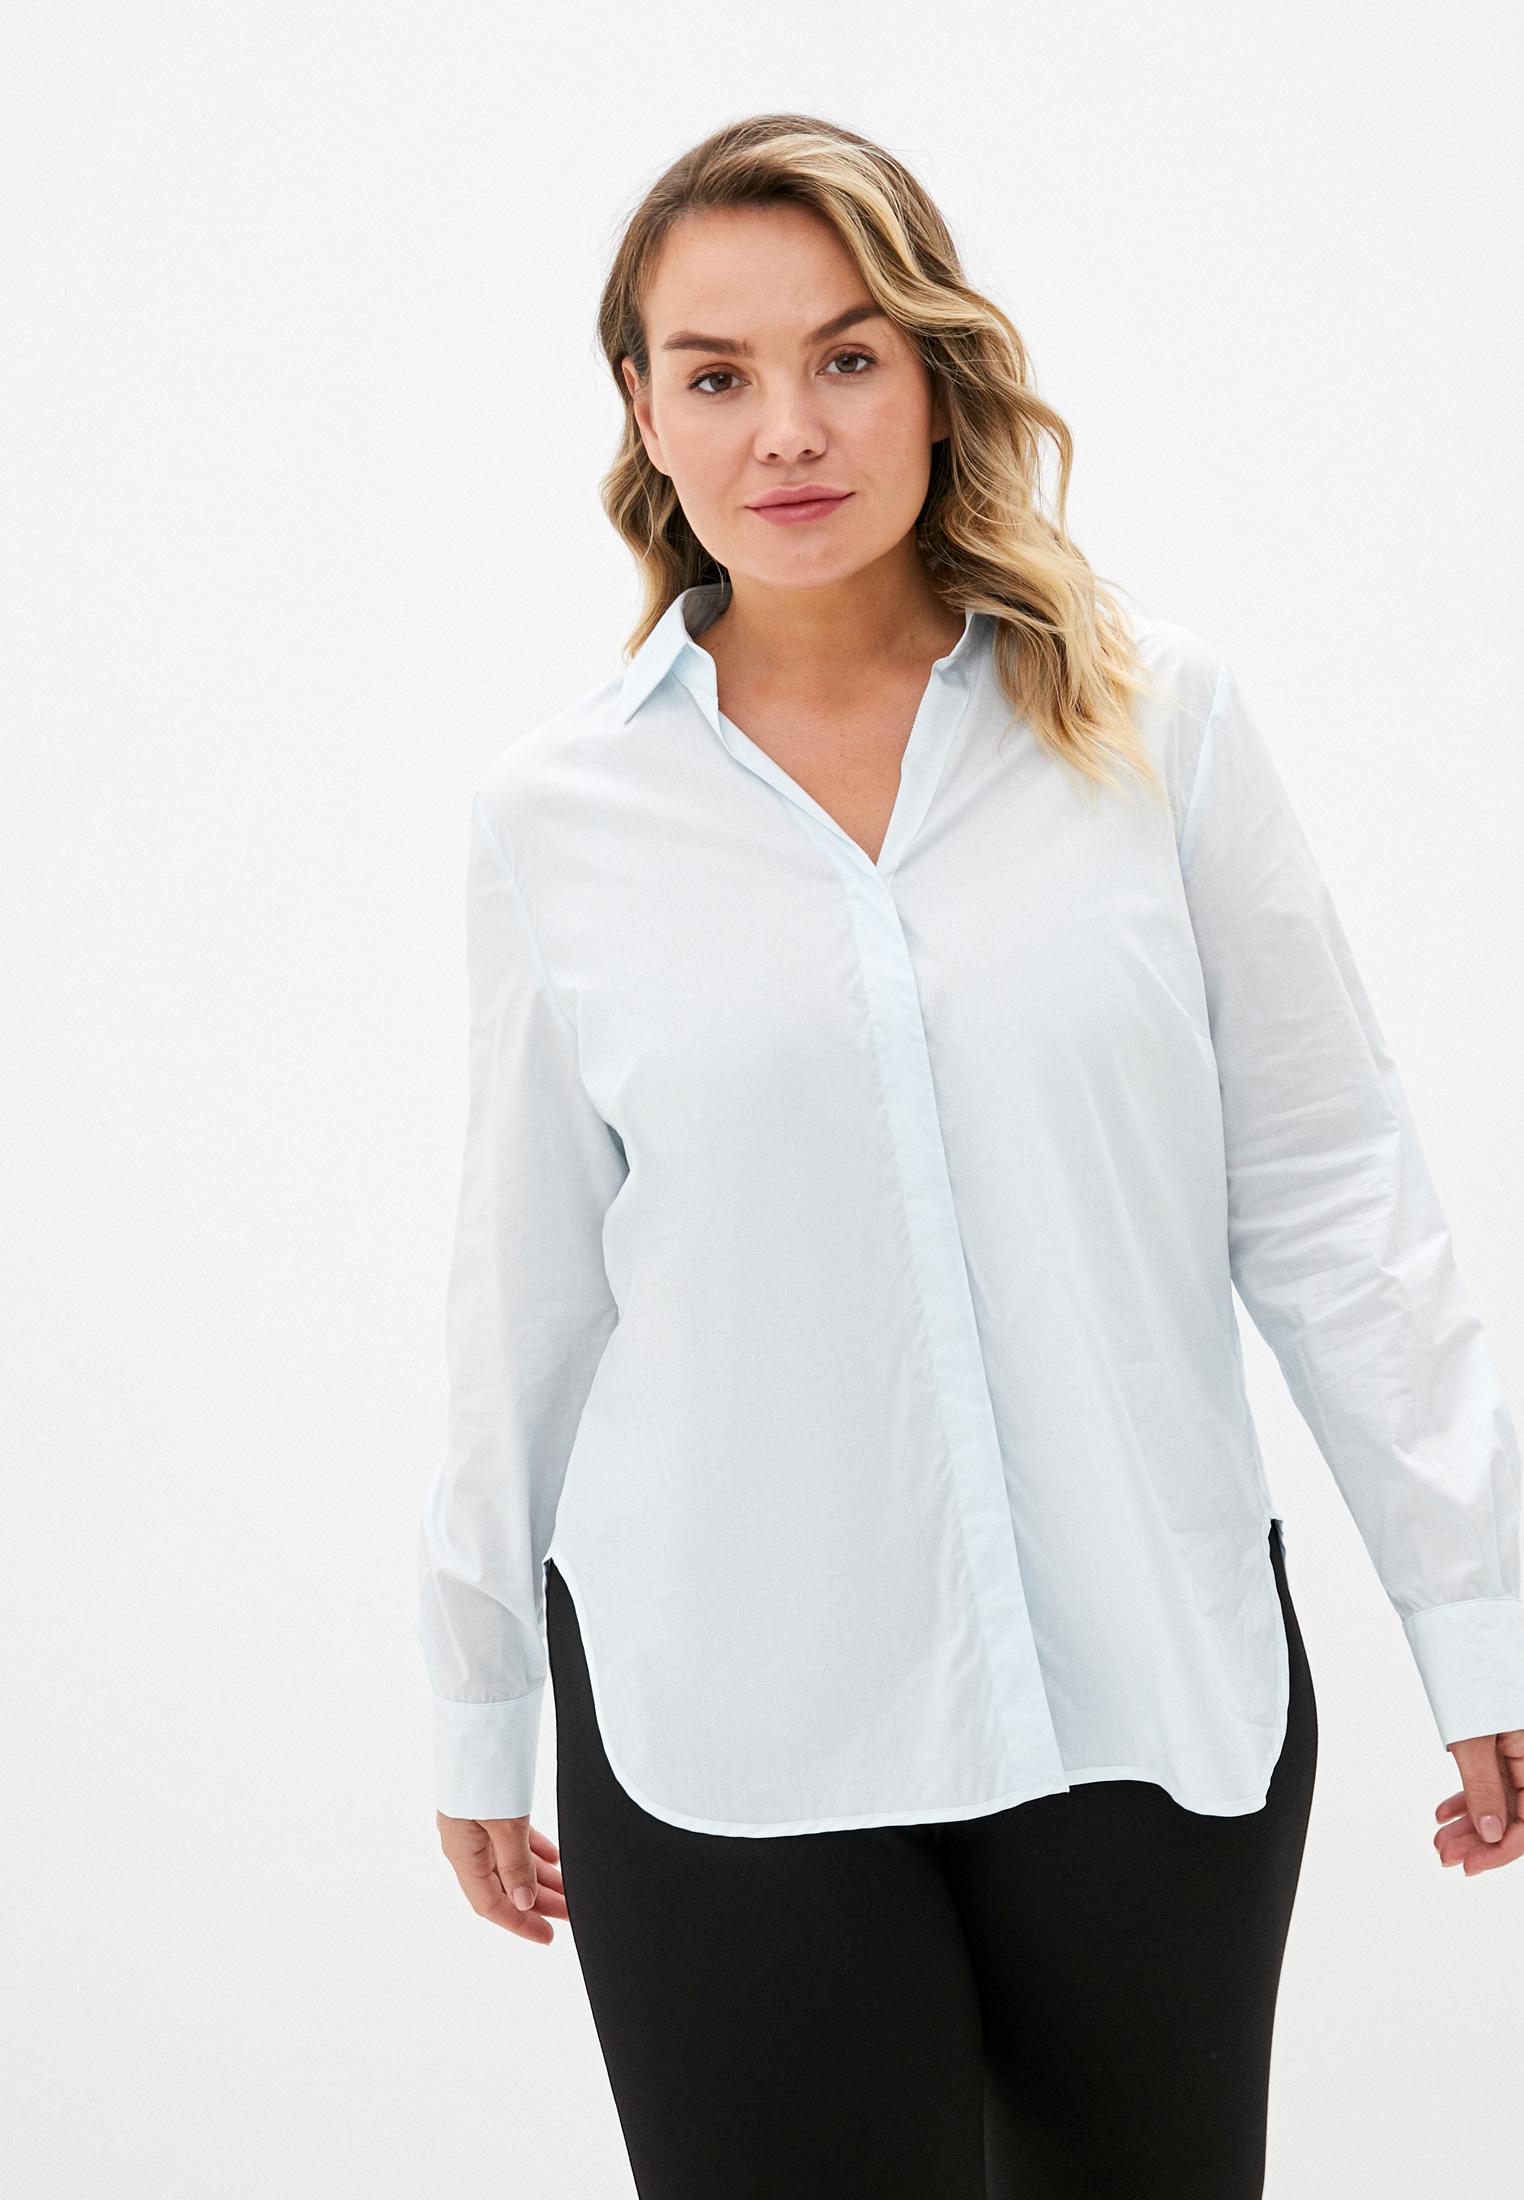 Женские рубашки с длинным рукавом Gerry Weber (Гарри Вебер) 260334-66668